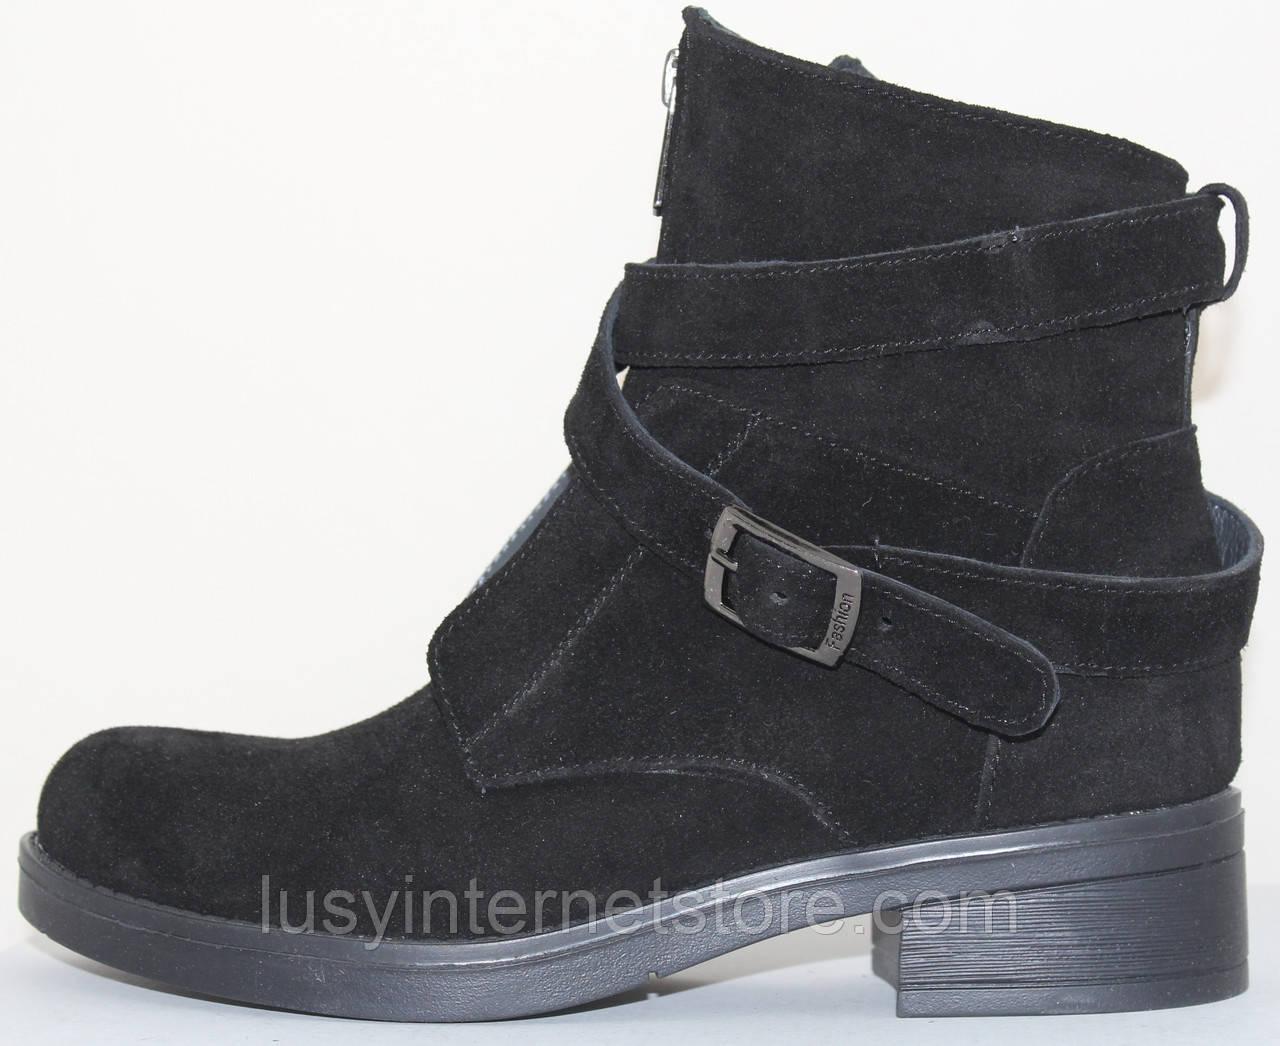 Ботинки черные женские замшевые демисезонные на низком каблуке от производителя модель СВ3508